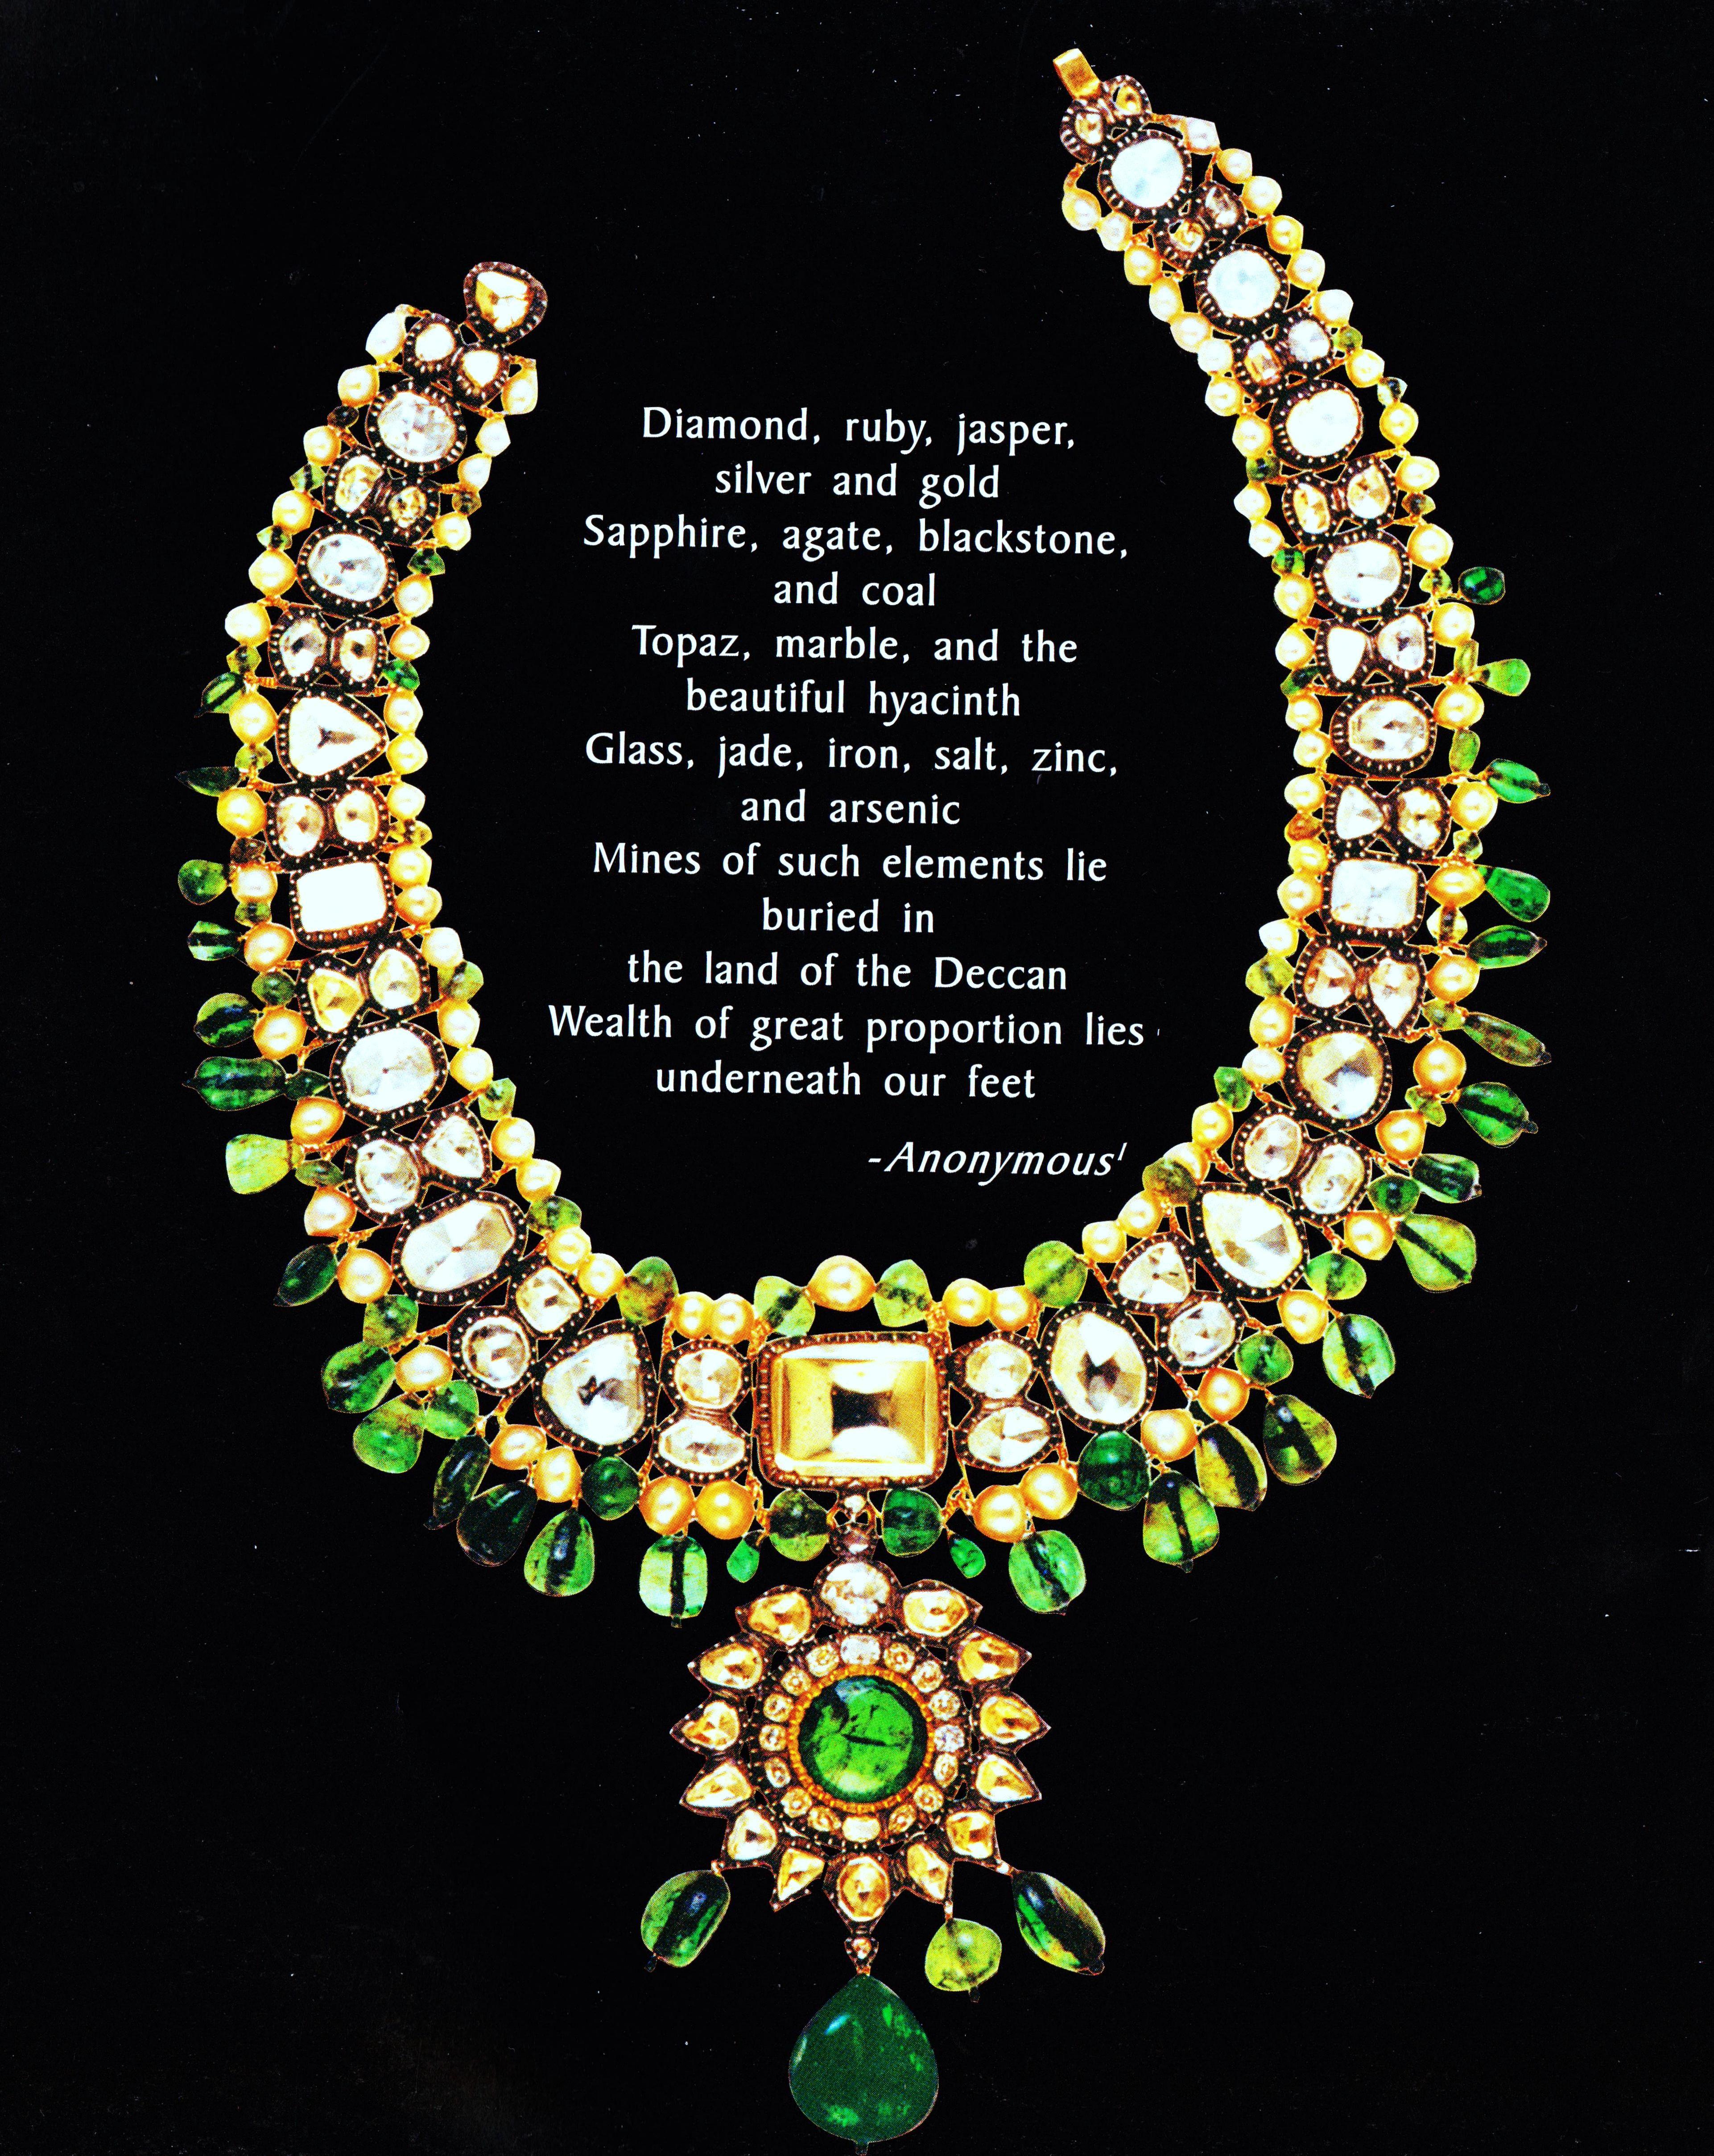 Nizams pride introduction to nizam jewellery lushofgold nizam jewellery diamond jewellery anime